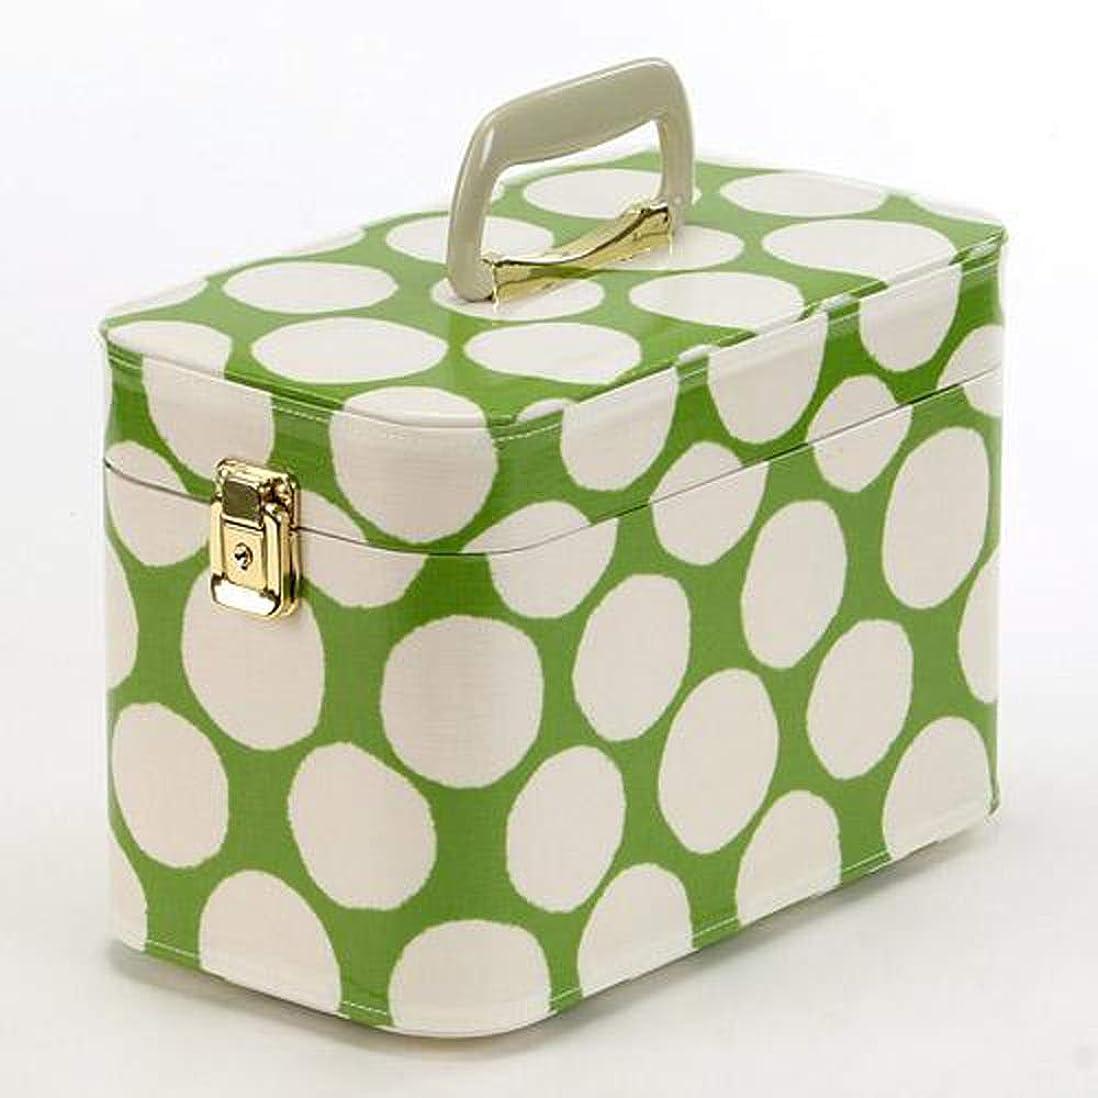 切り離すテレビ局かなりの日本製 メイクボックス(コスメボックス) 水玉柄 緑 トレンケース30cm (鍵付き/コスメボックス)